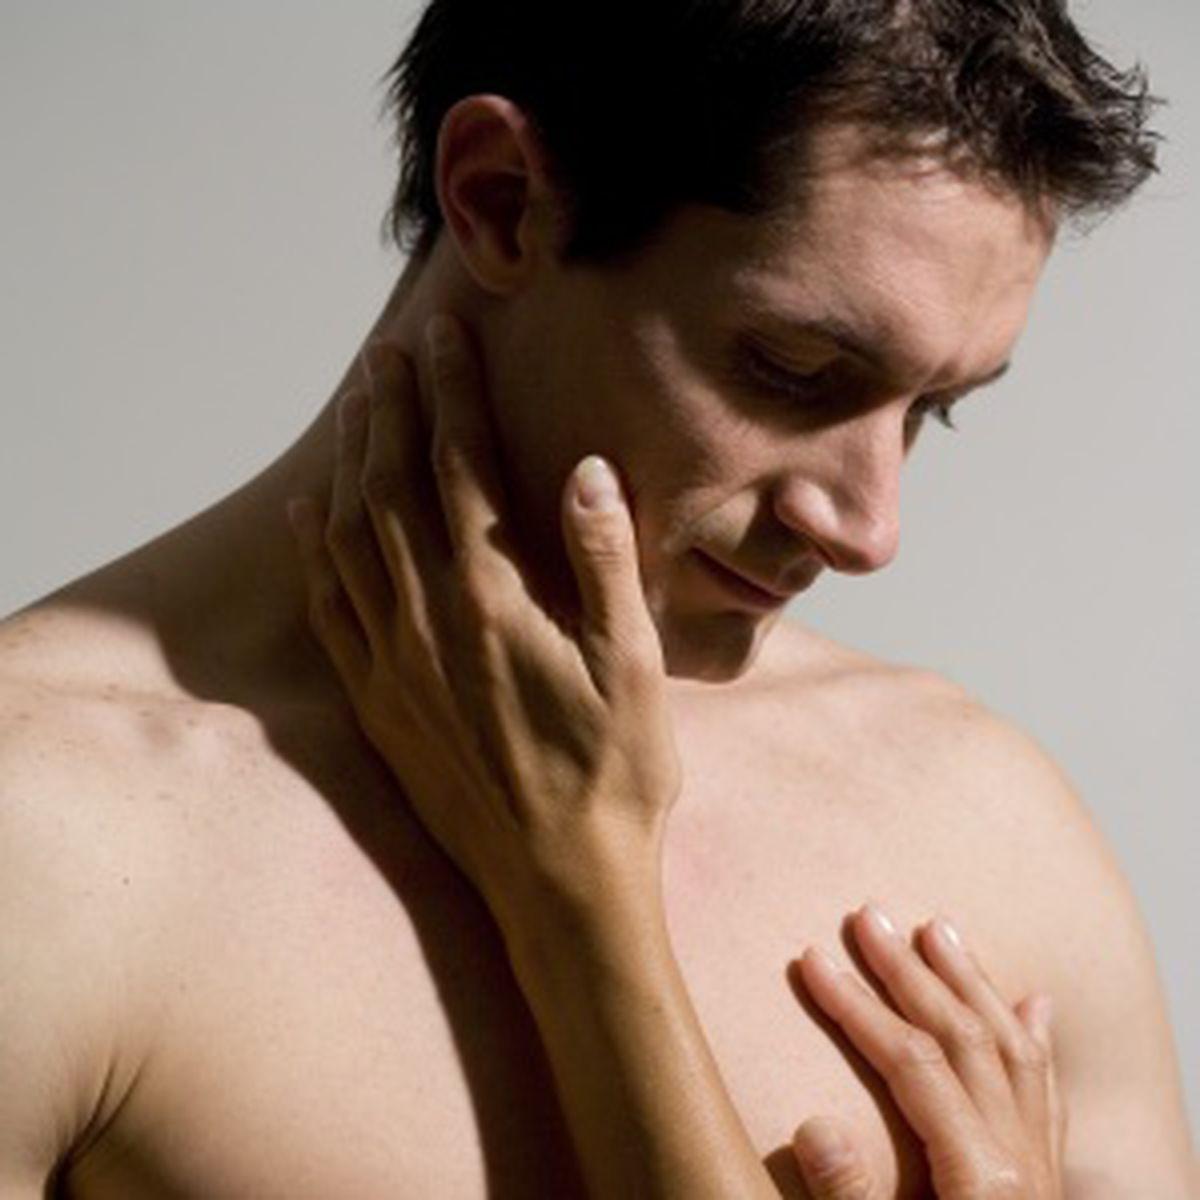 cauzele erecției întârziate la bărbați)